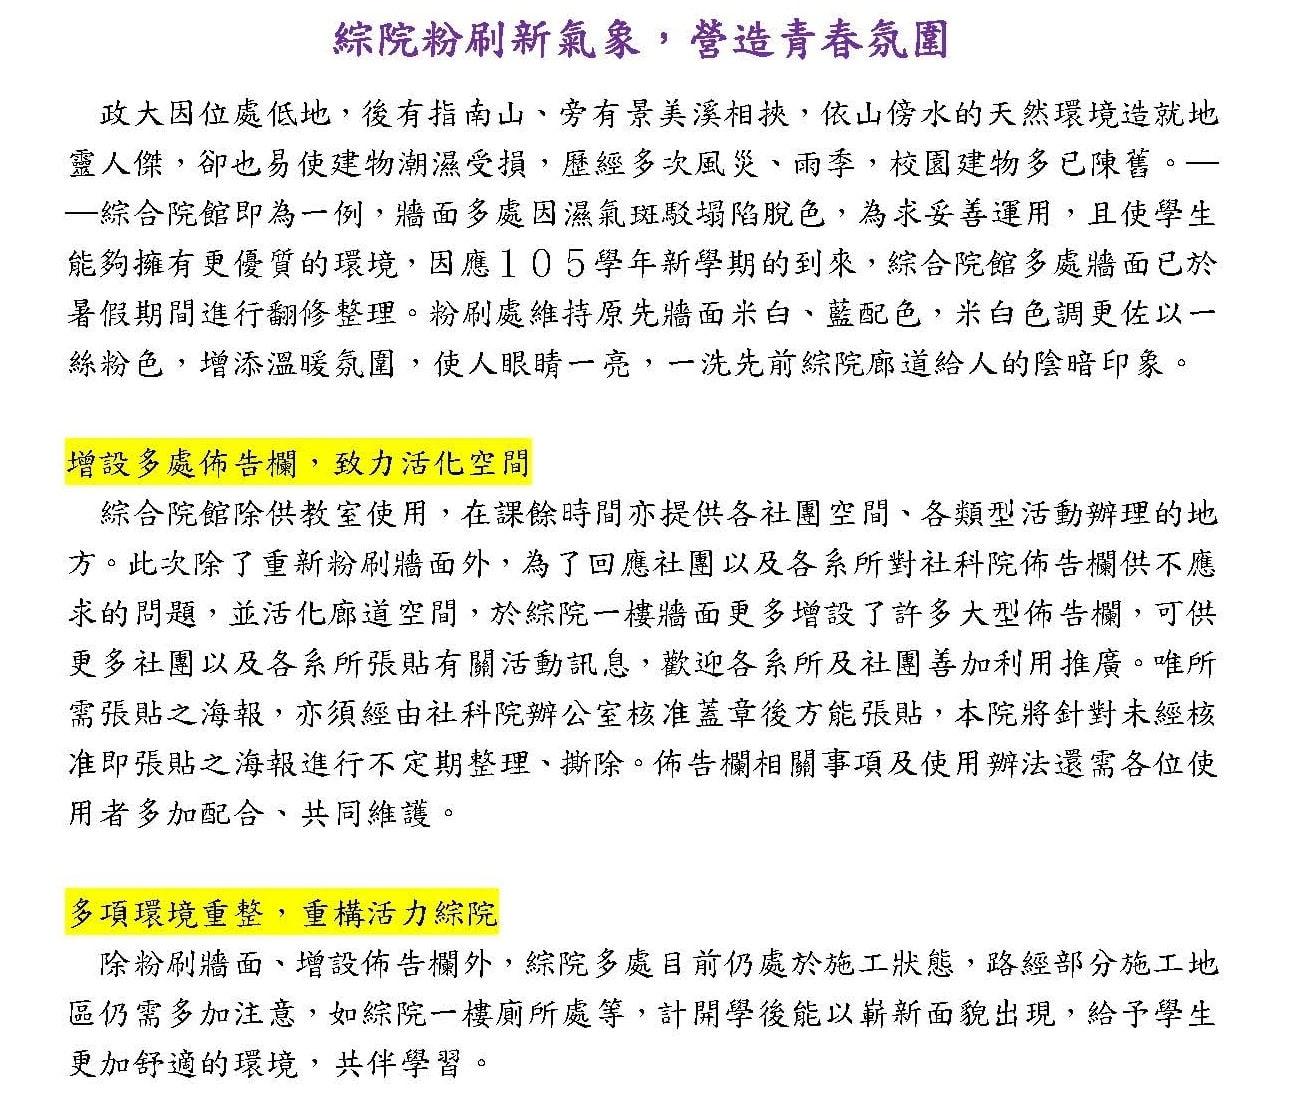 社科院牆面粉刷暨公佈欄新增公告